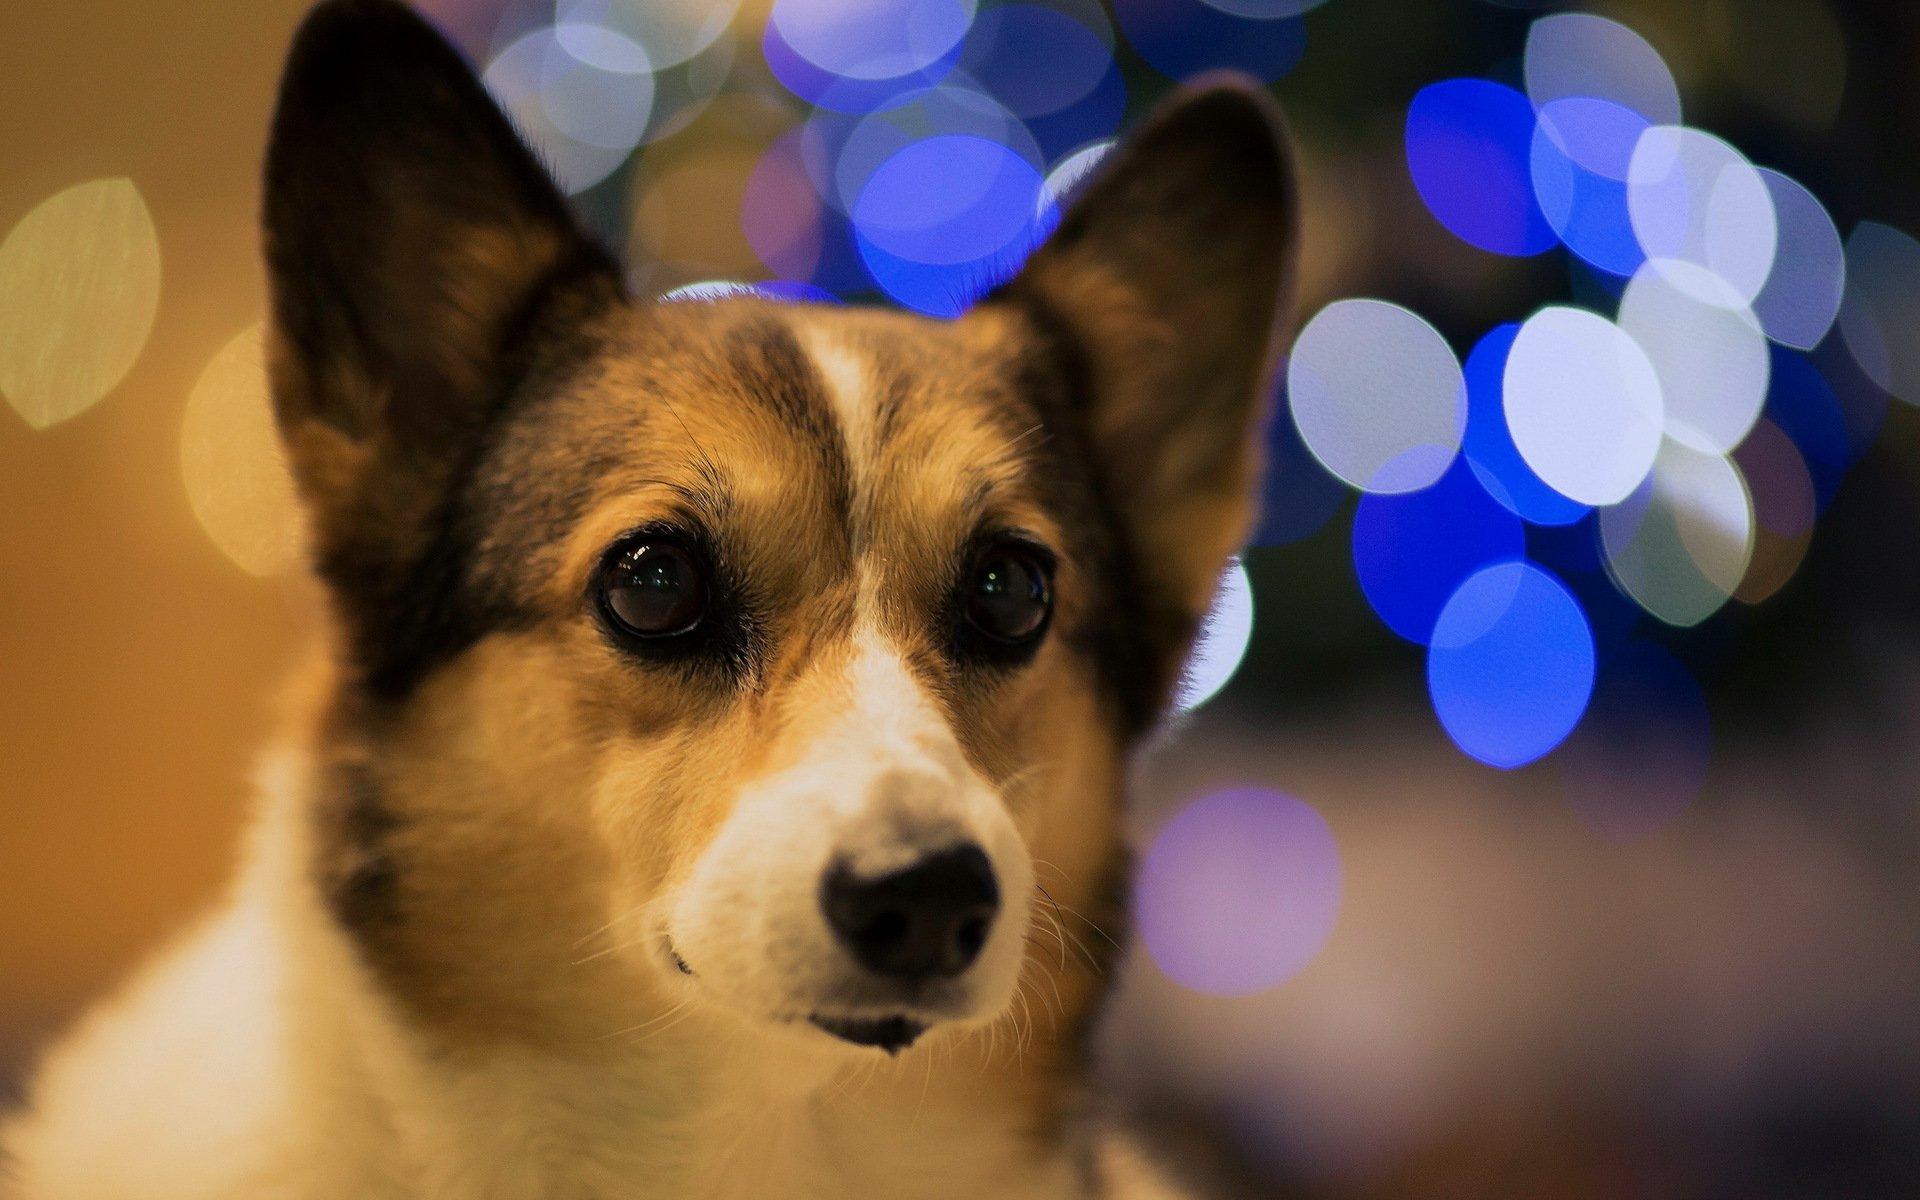 очень картинки для телефона с собаками необходимо